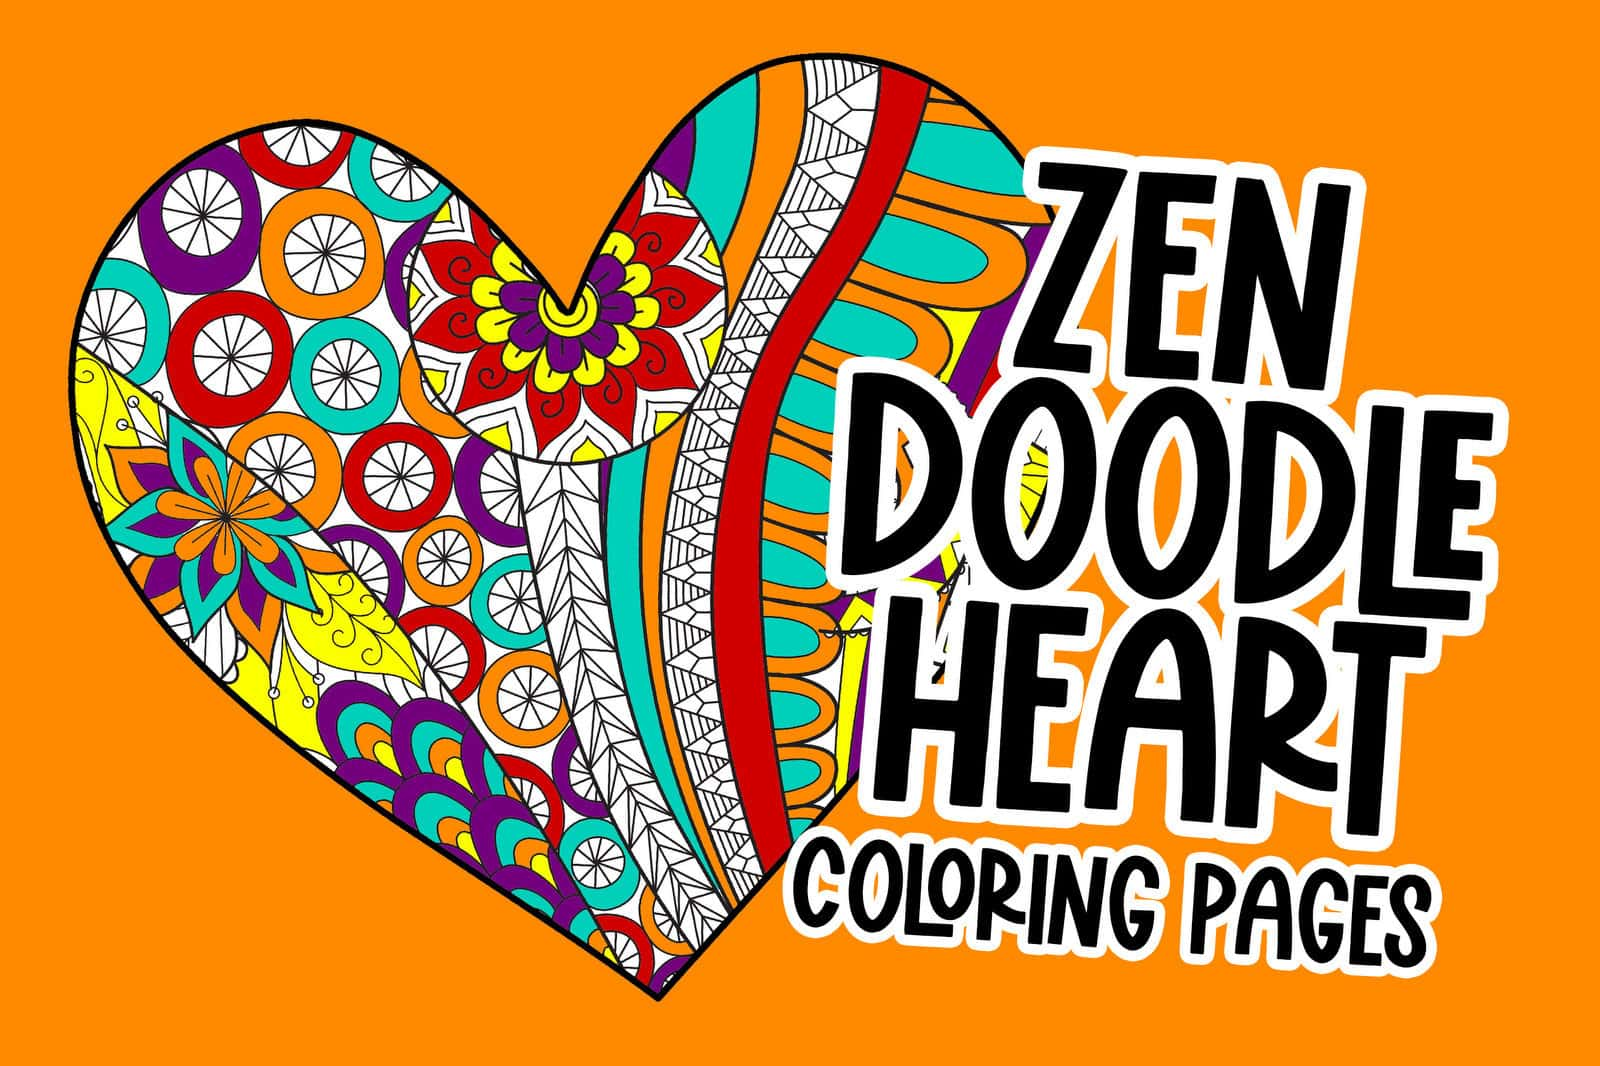 Zen doodle heart coloring pages